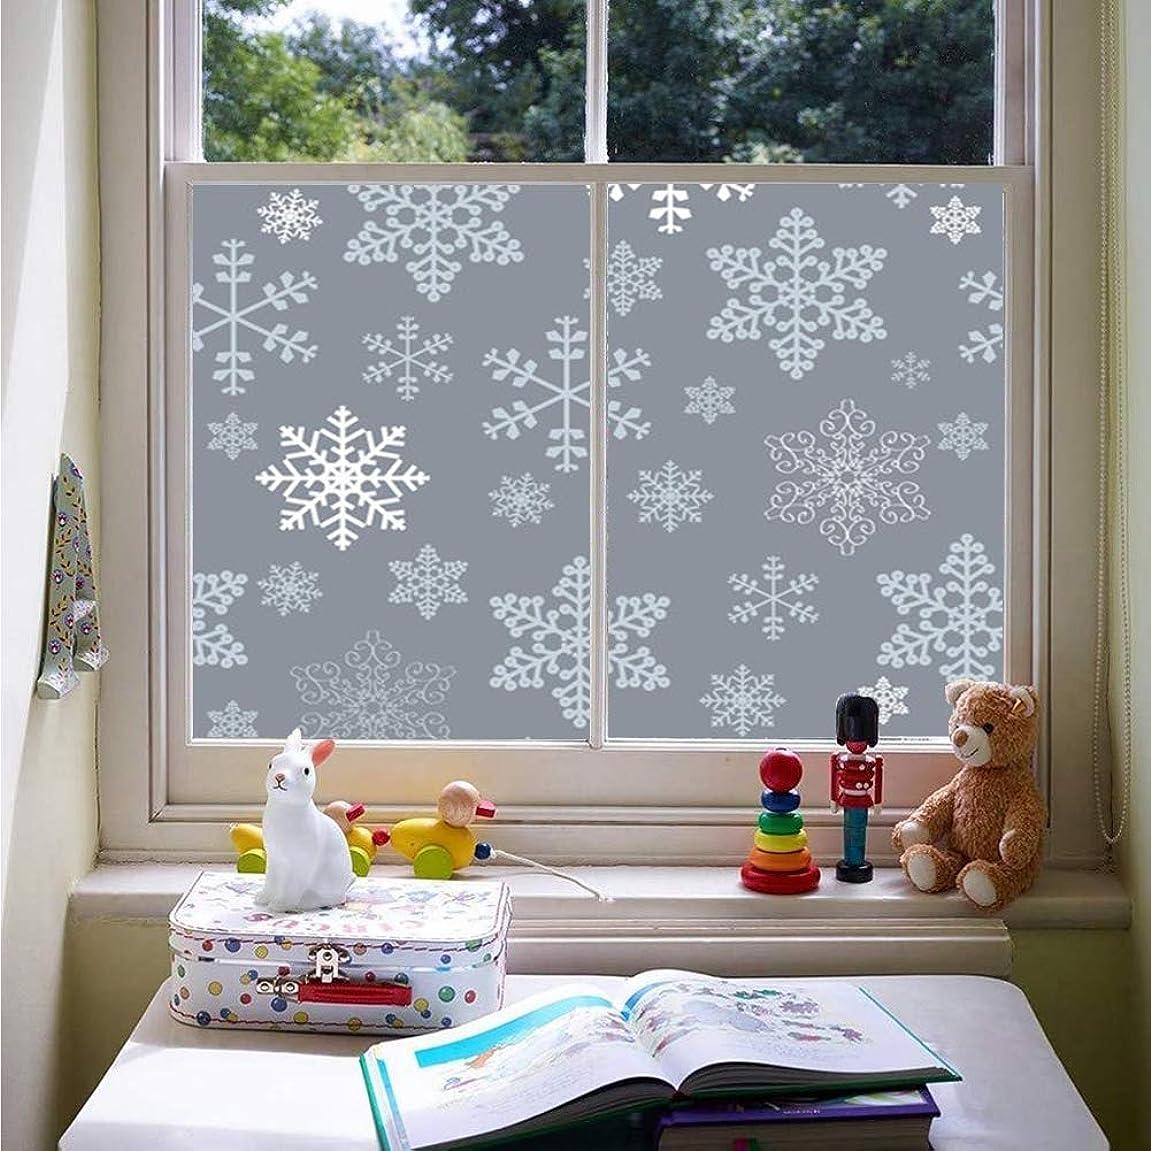 活気づくソフィー無視する窓フィルム 目隠しシート 窓ガラス 遮光シート 美術の窓 飛散防止フィルム uv ガラスフィルム 窓際のトットちゃん 断熱シート スノーフレーク白い冬 マジックミラー フィルム 透明 かわいい 窓ぼかし シェード 窓用かんきせん 紙シール